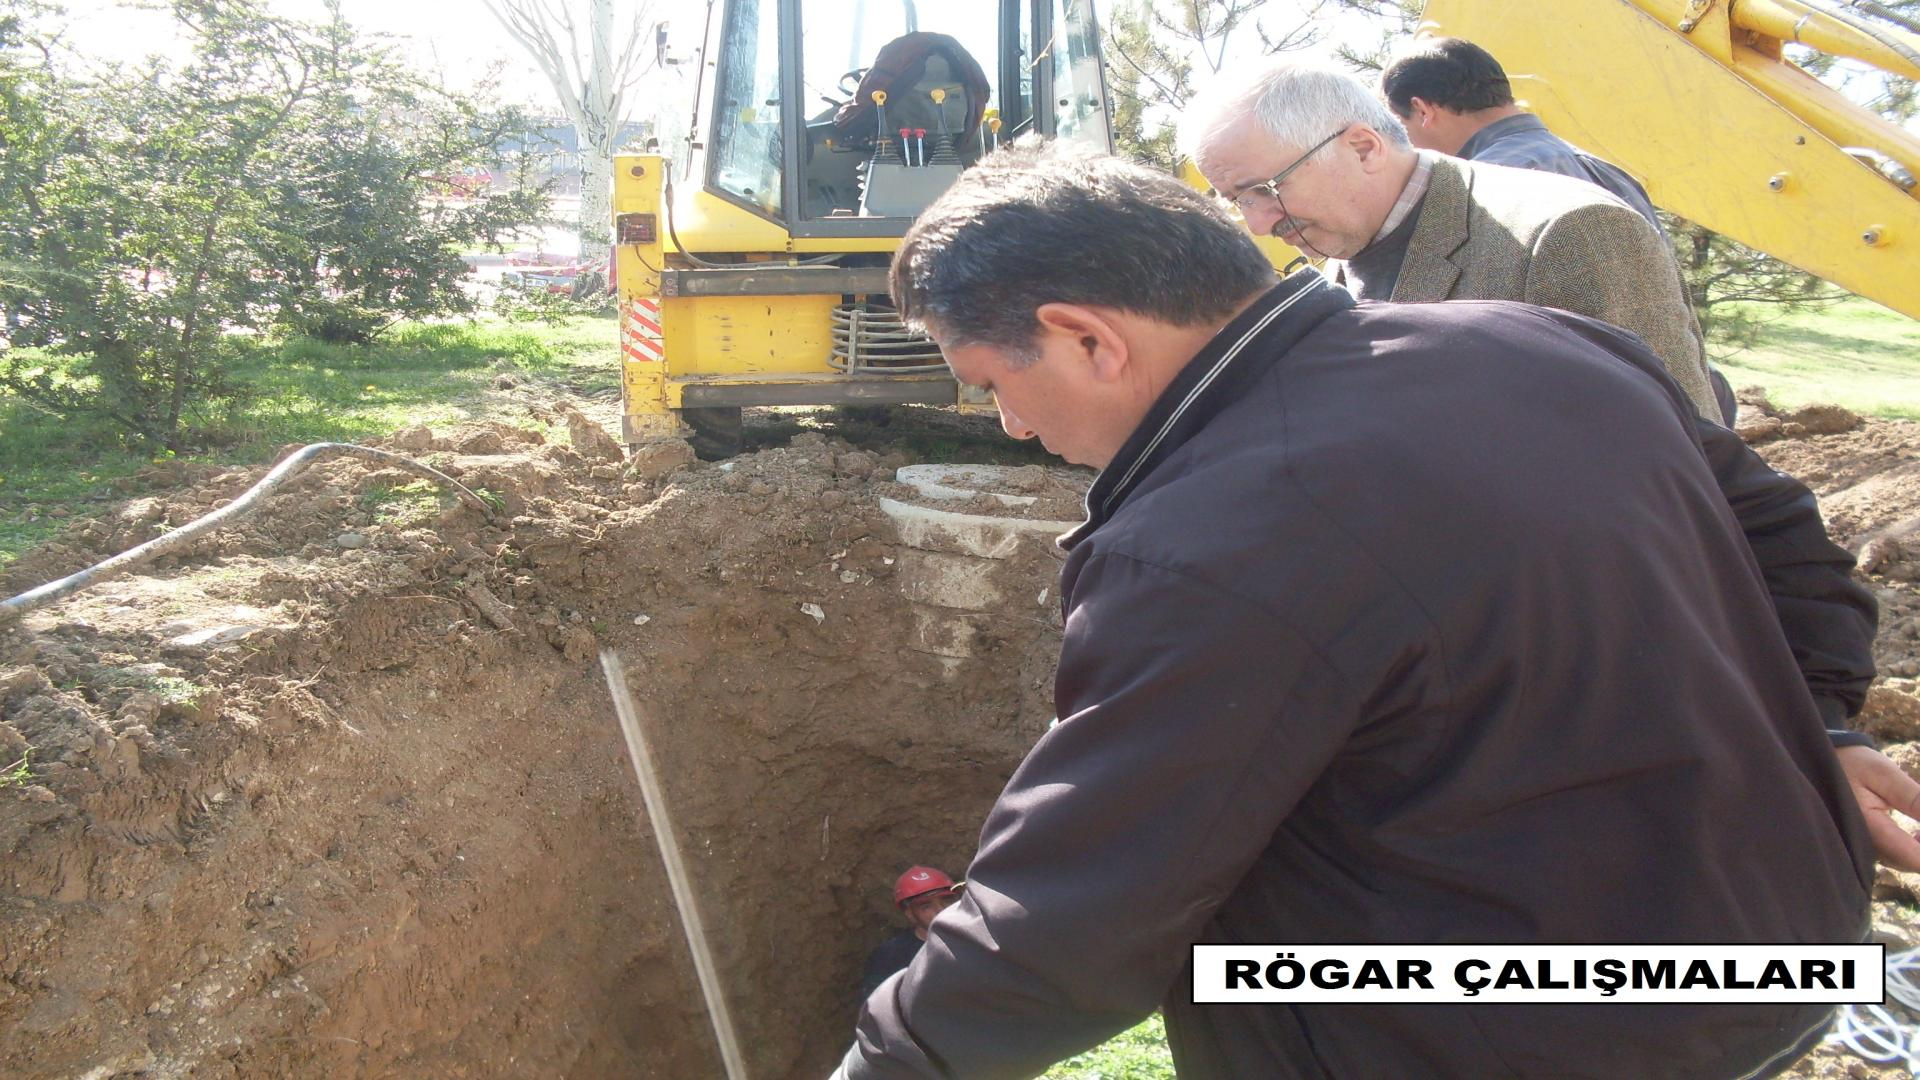 Rögar Çalışmaları 1484053444 722